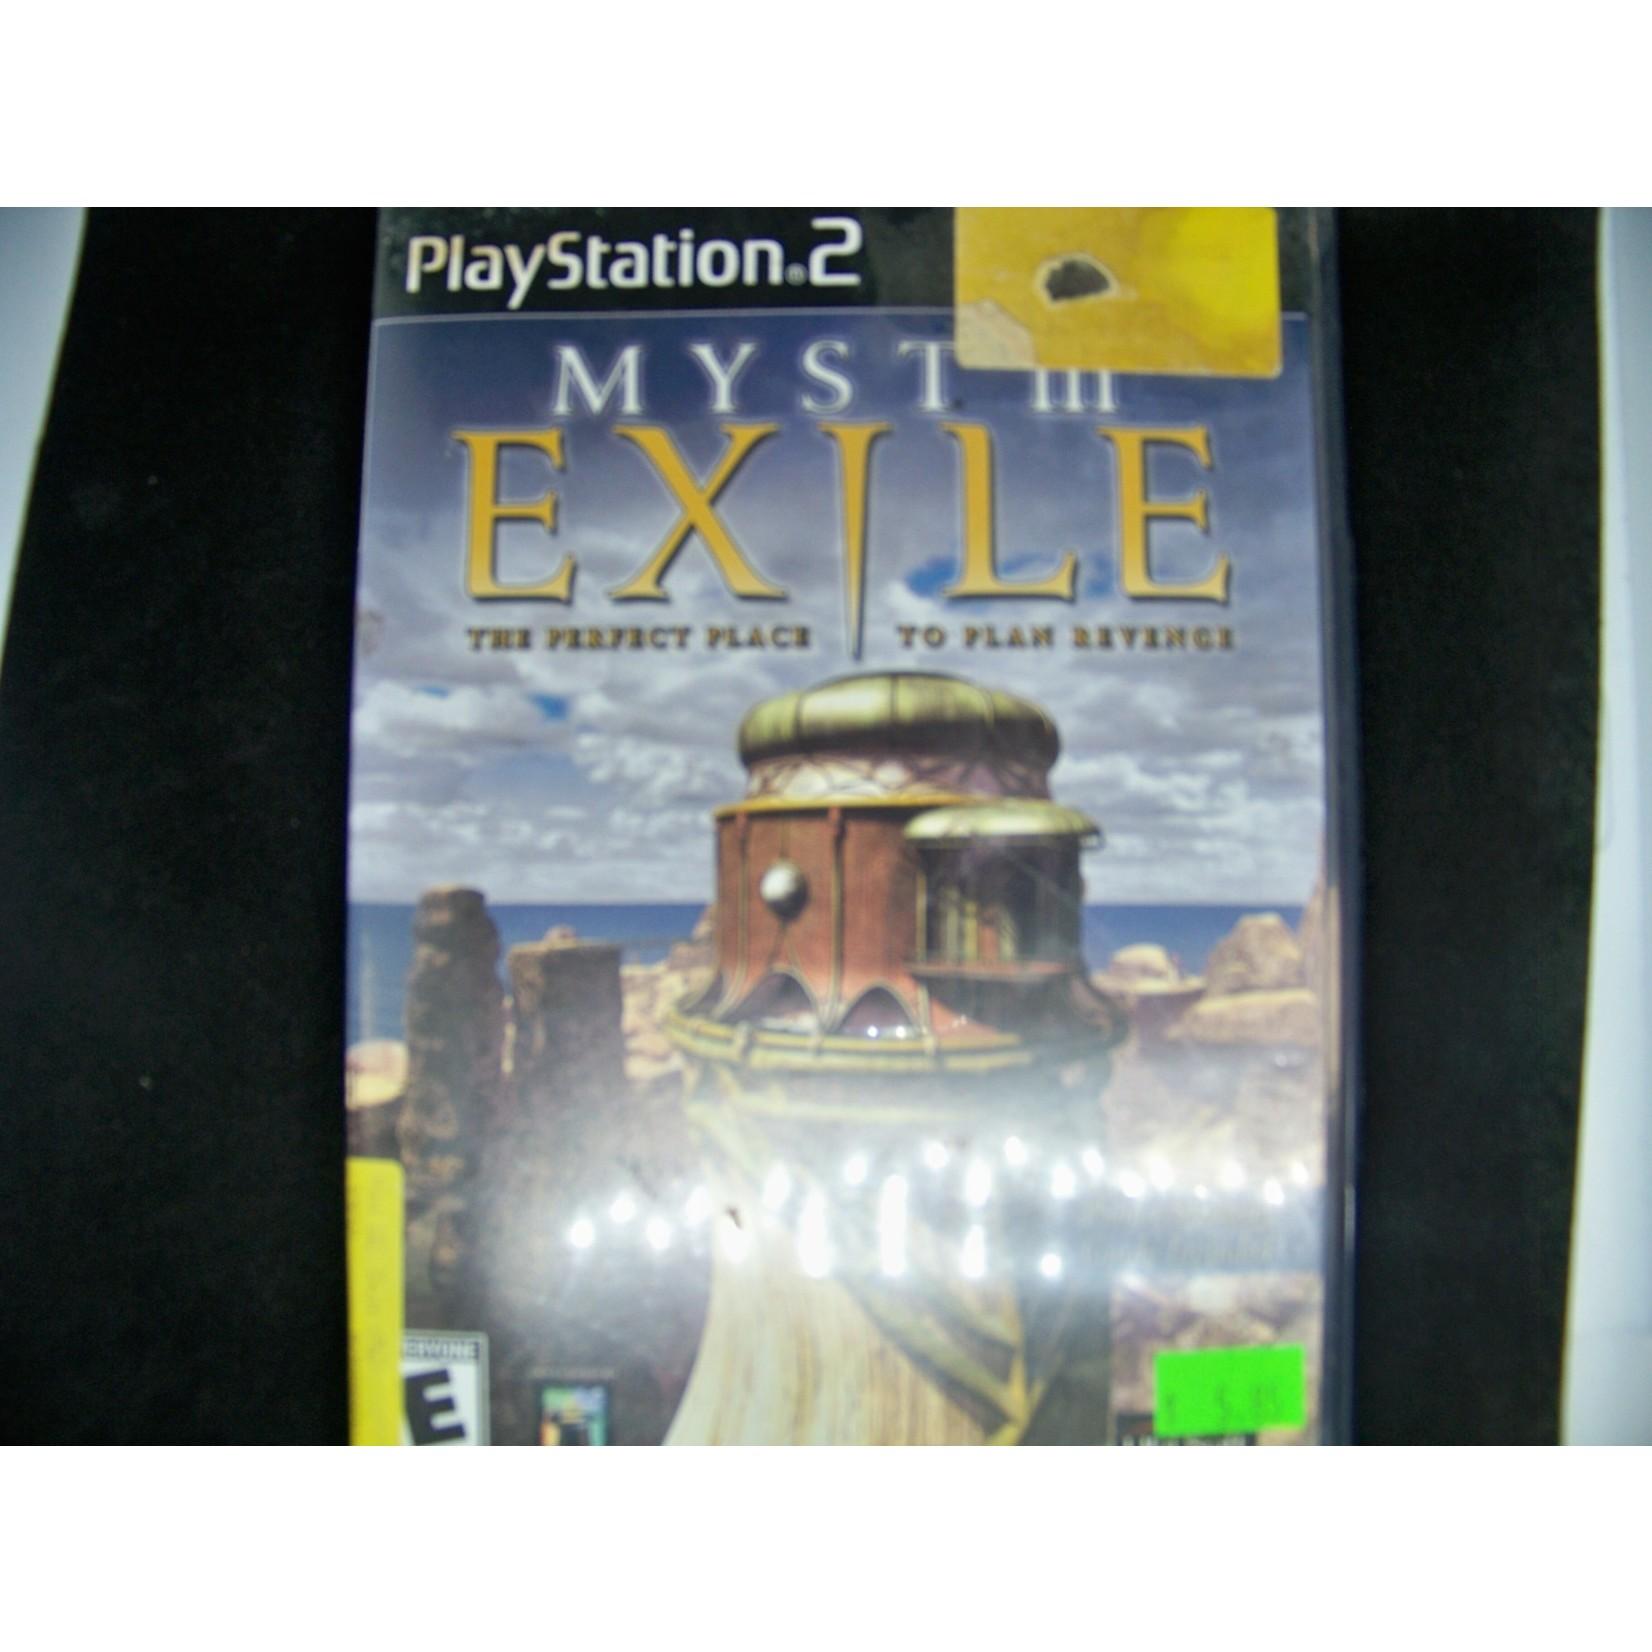 PS2u-Myst III Exile